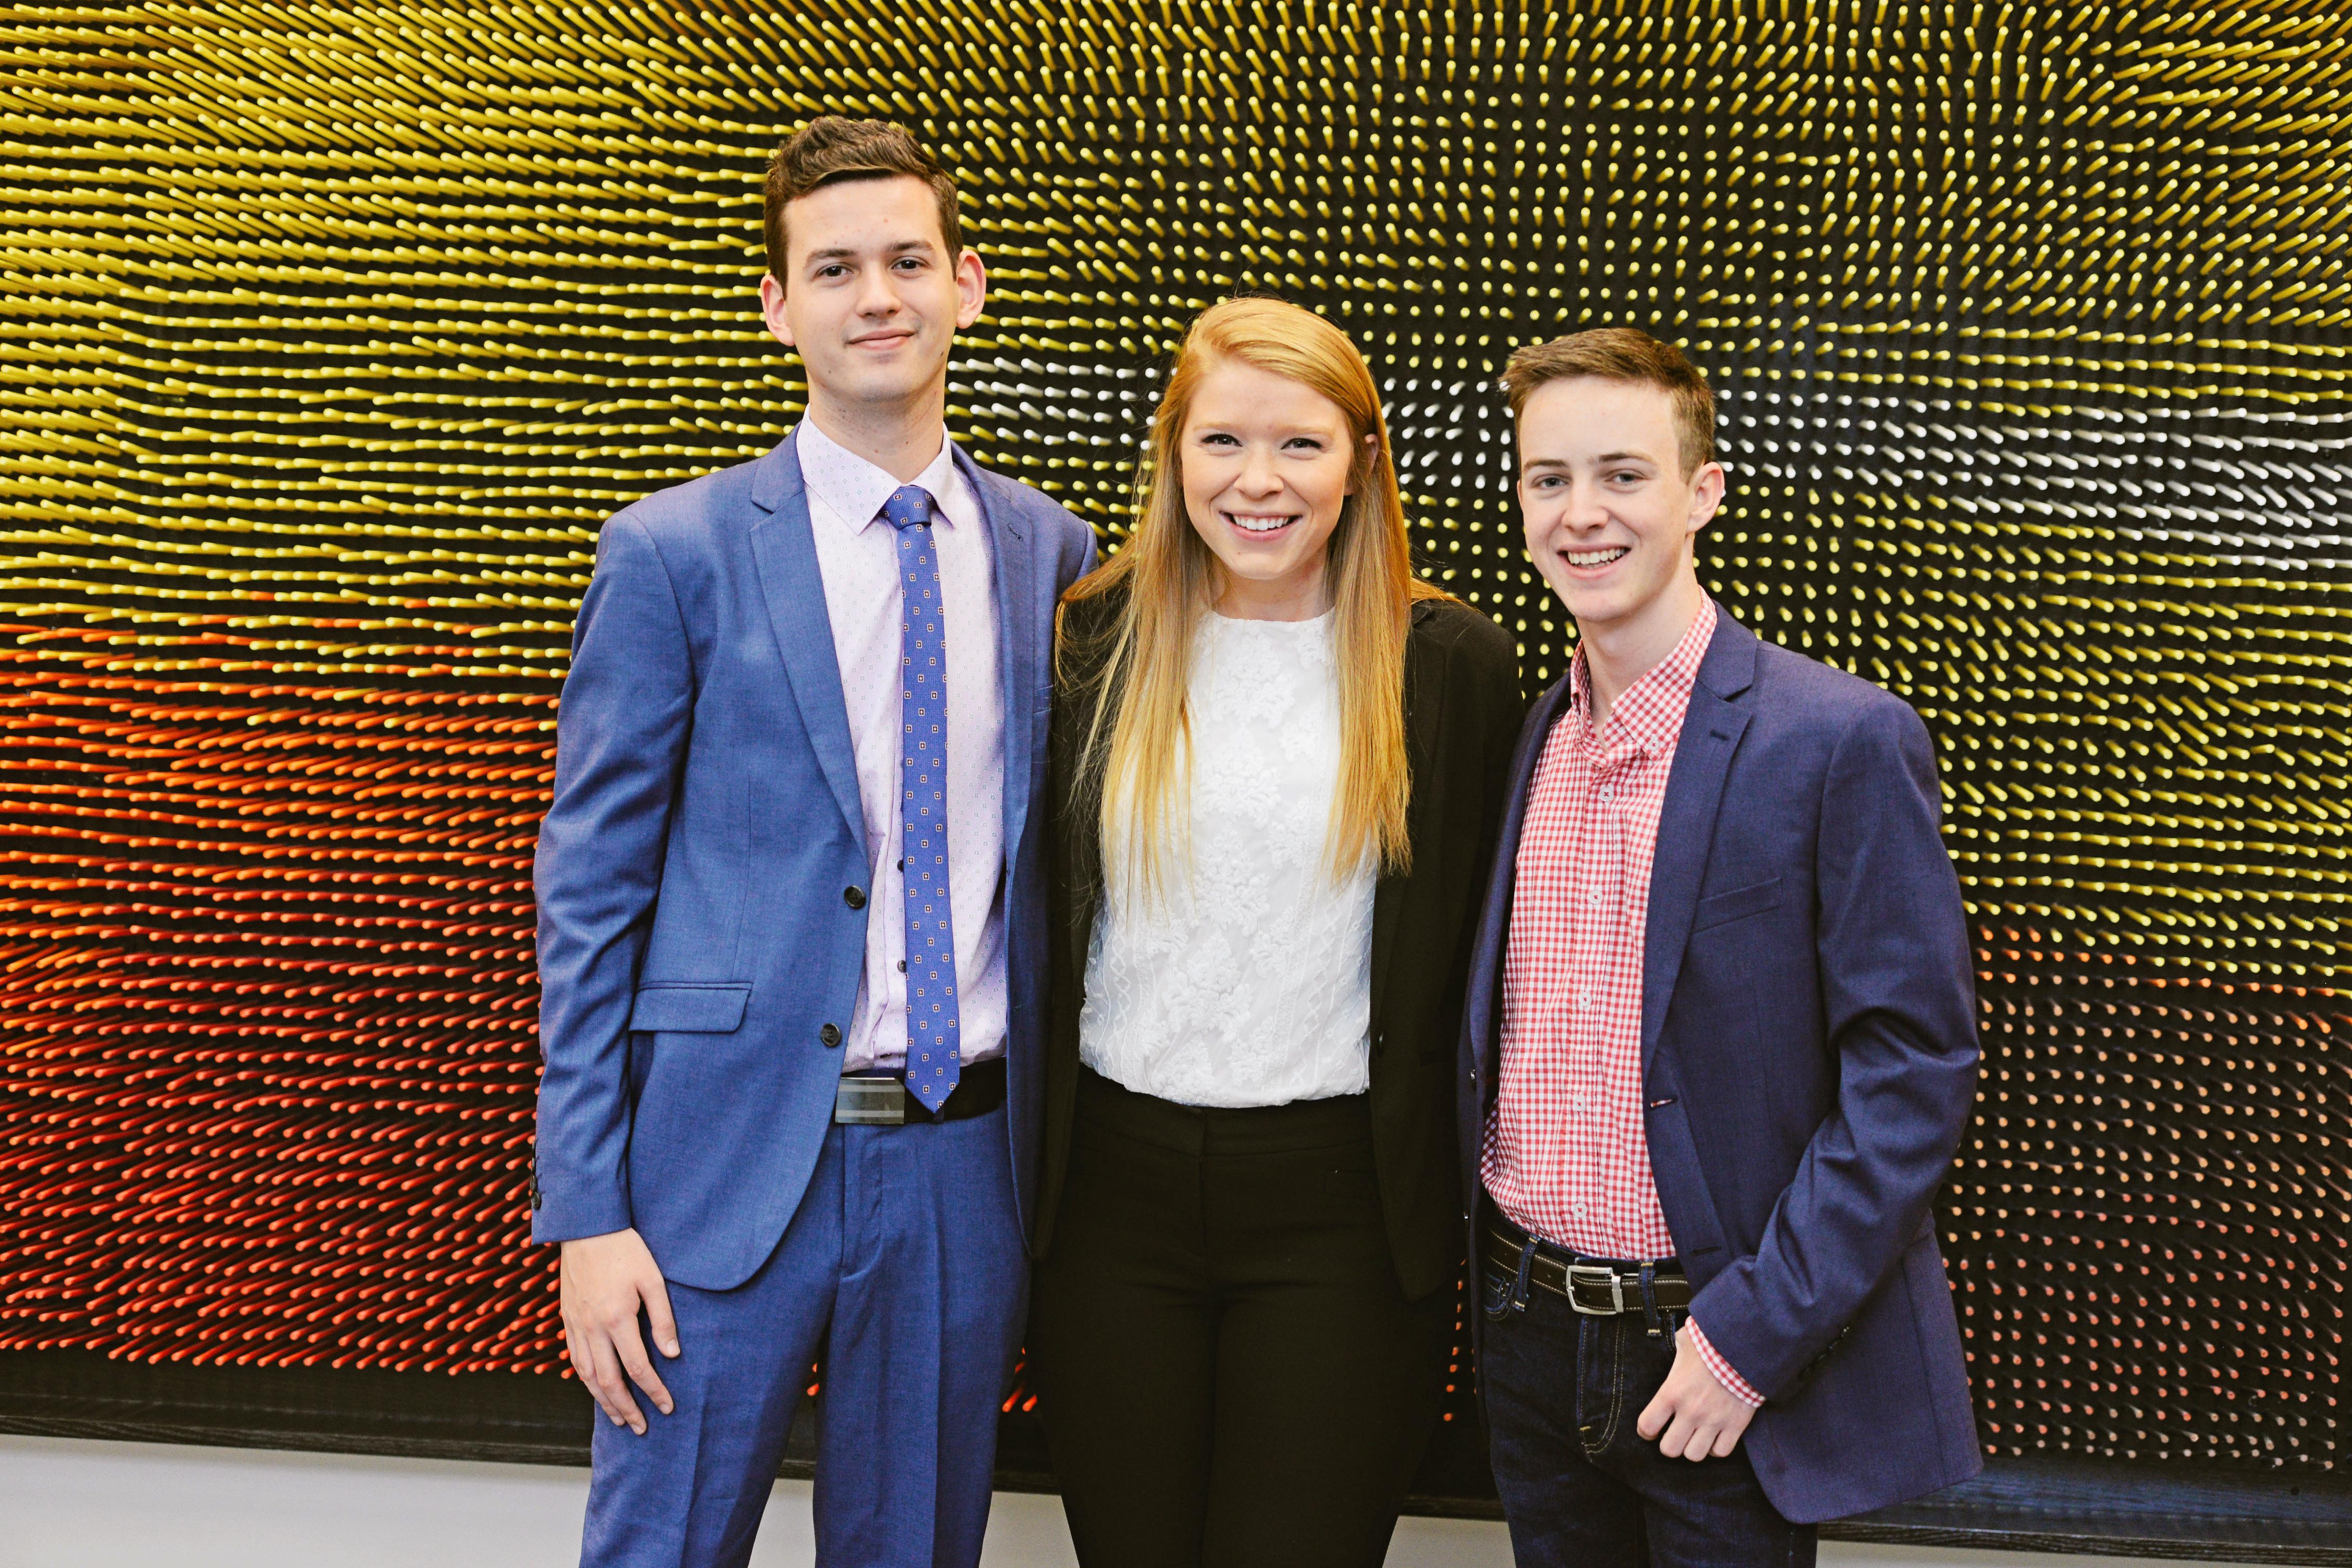 Angus, Katie, & Chad